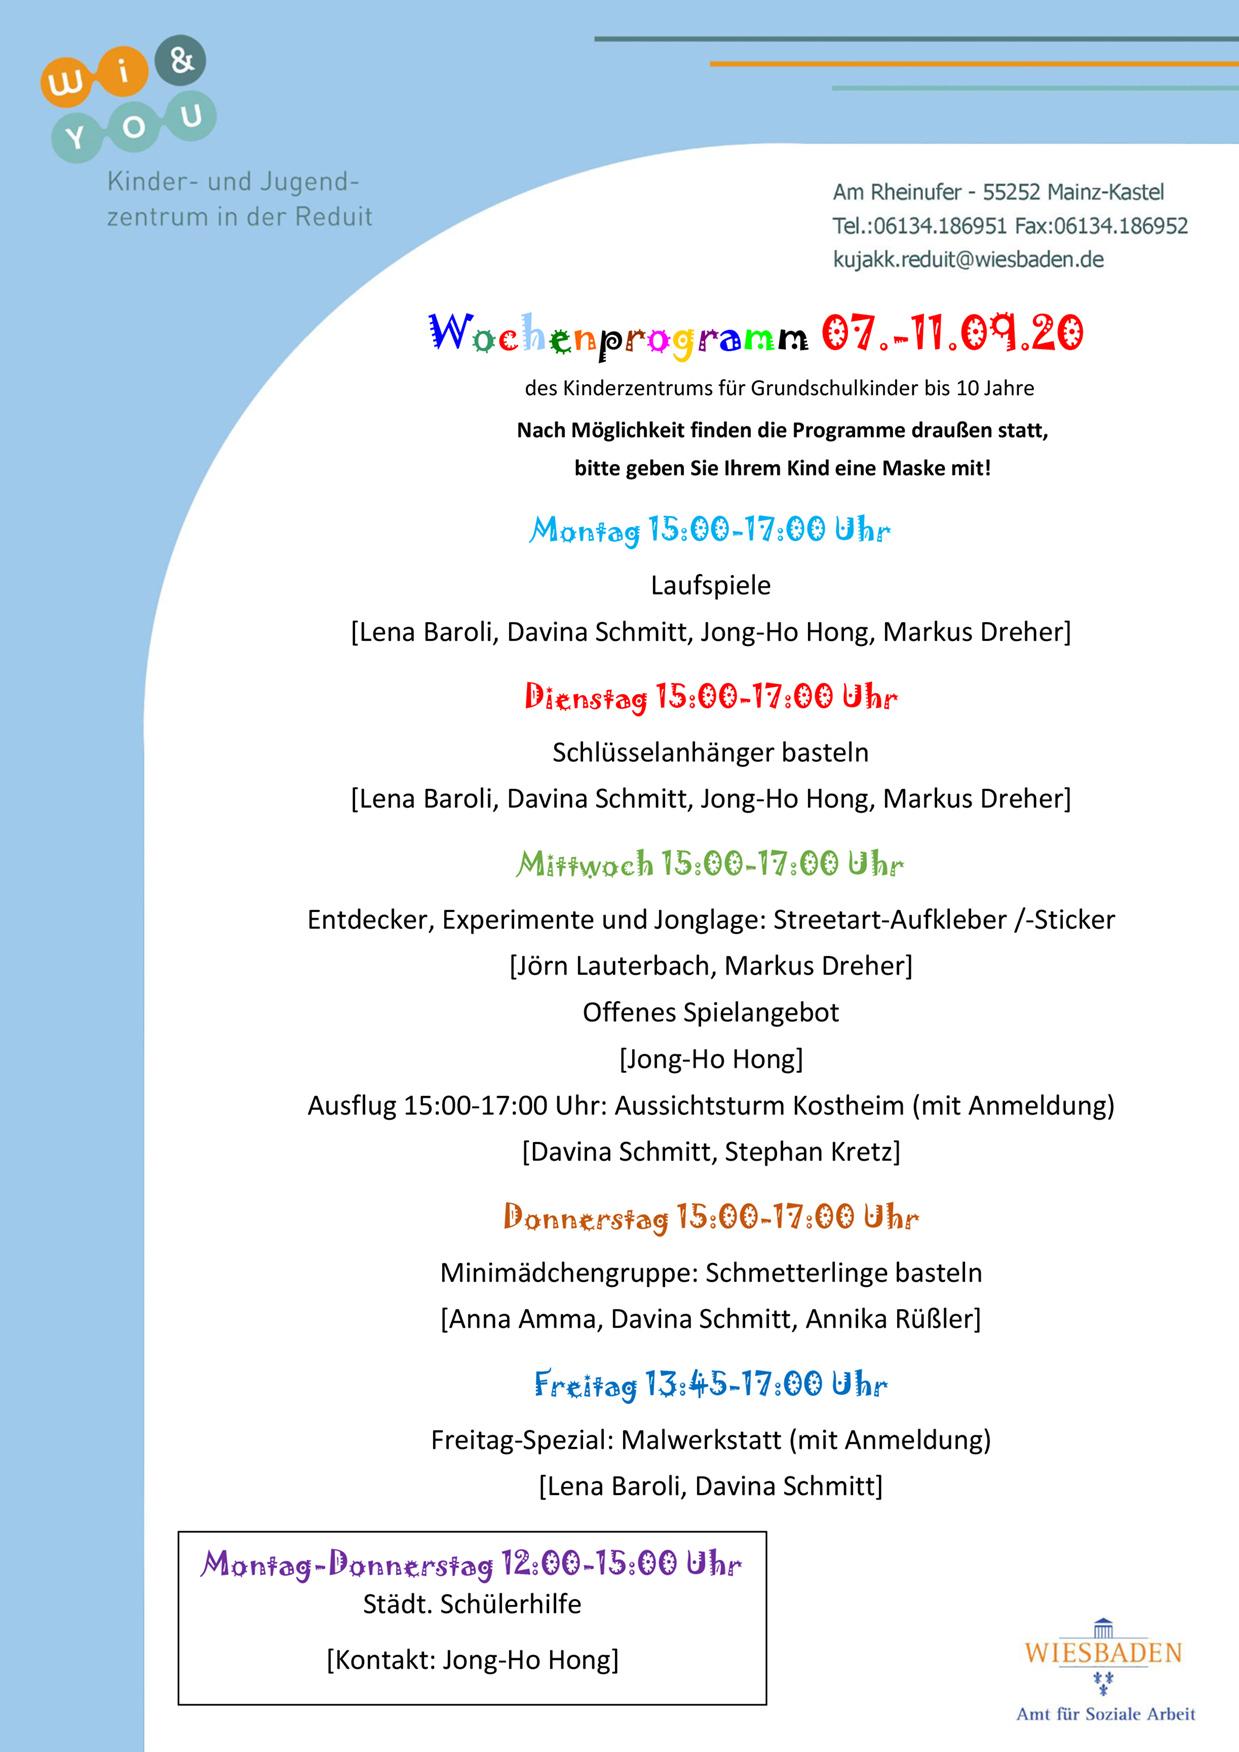 Wochenprogramm vom 07. bis 11. September 2020 des Kinderzentrums für Grundschulkinder bis 10 Jahre . kujakk . Kinder- und Jugendzentrum in der Reduit . Mainz-Kastel